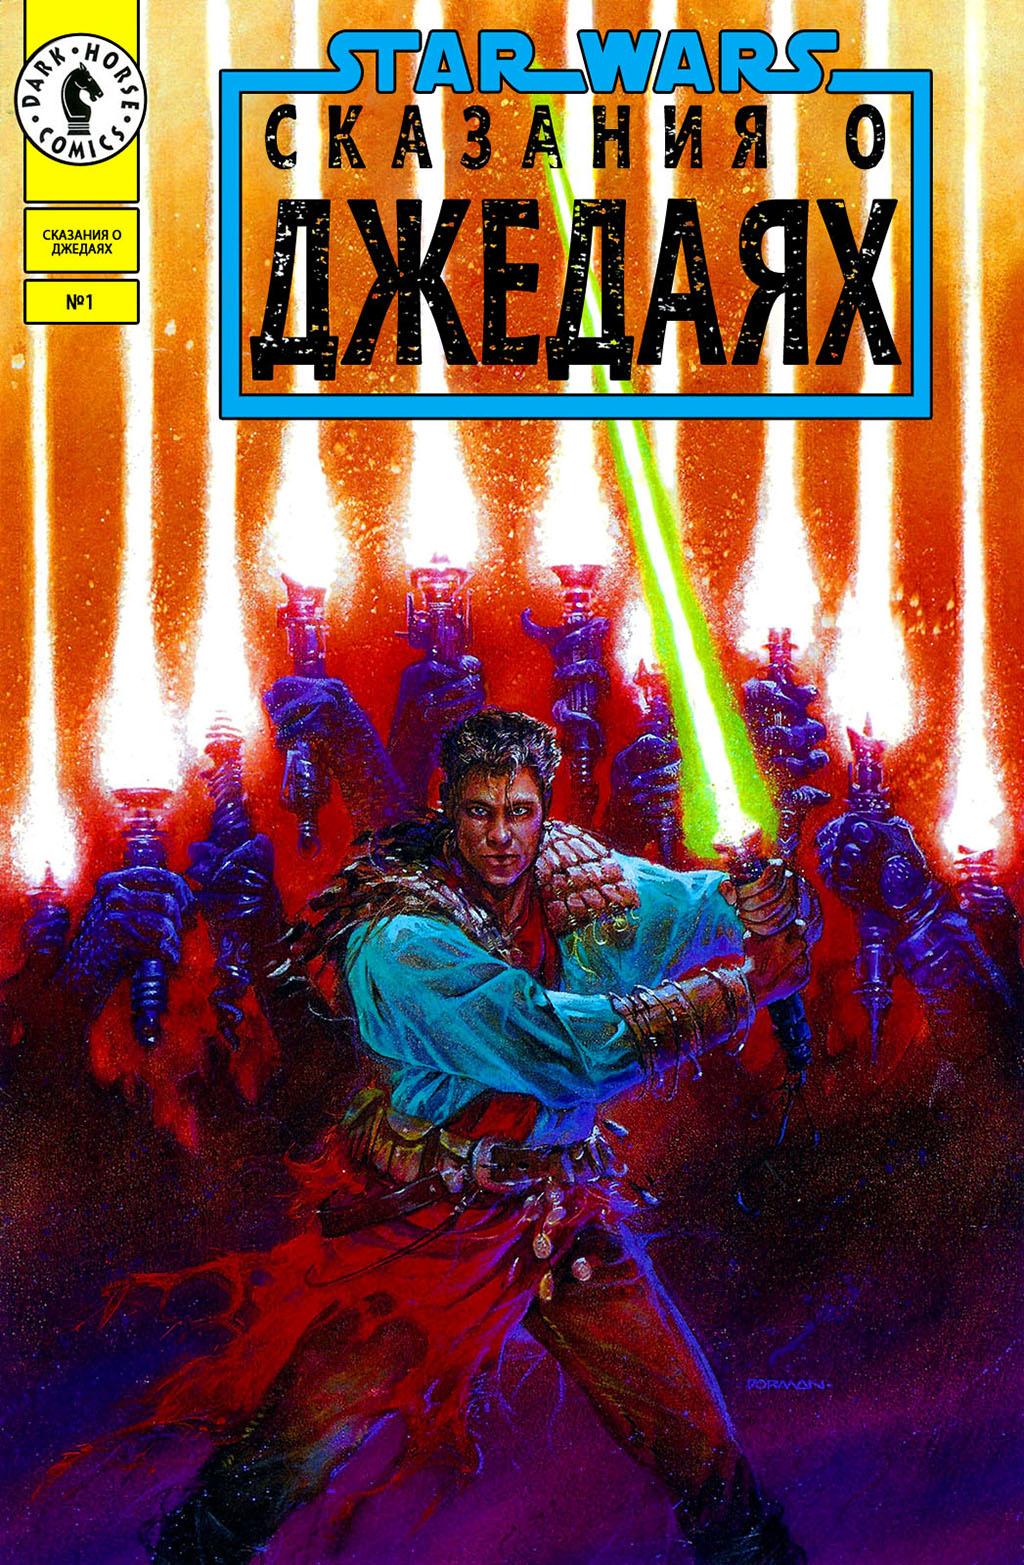 Комикс Звездные Войны - Сказания о джедаях: Улик Кель-Дрома и Звериные войны Ондерона